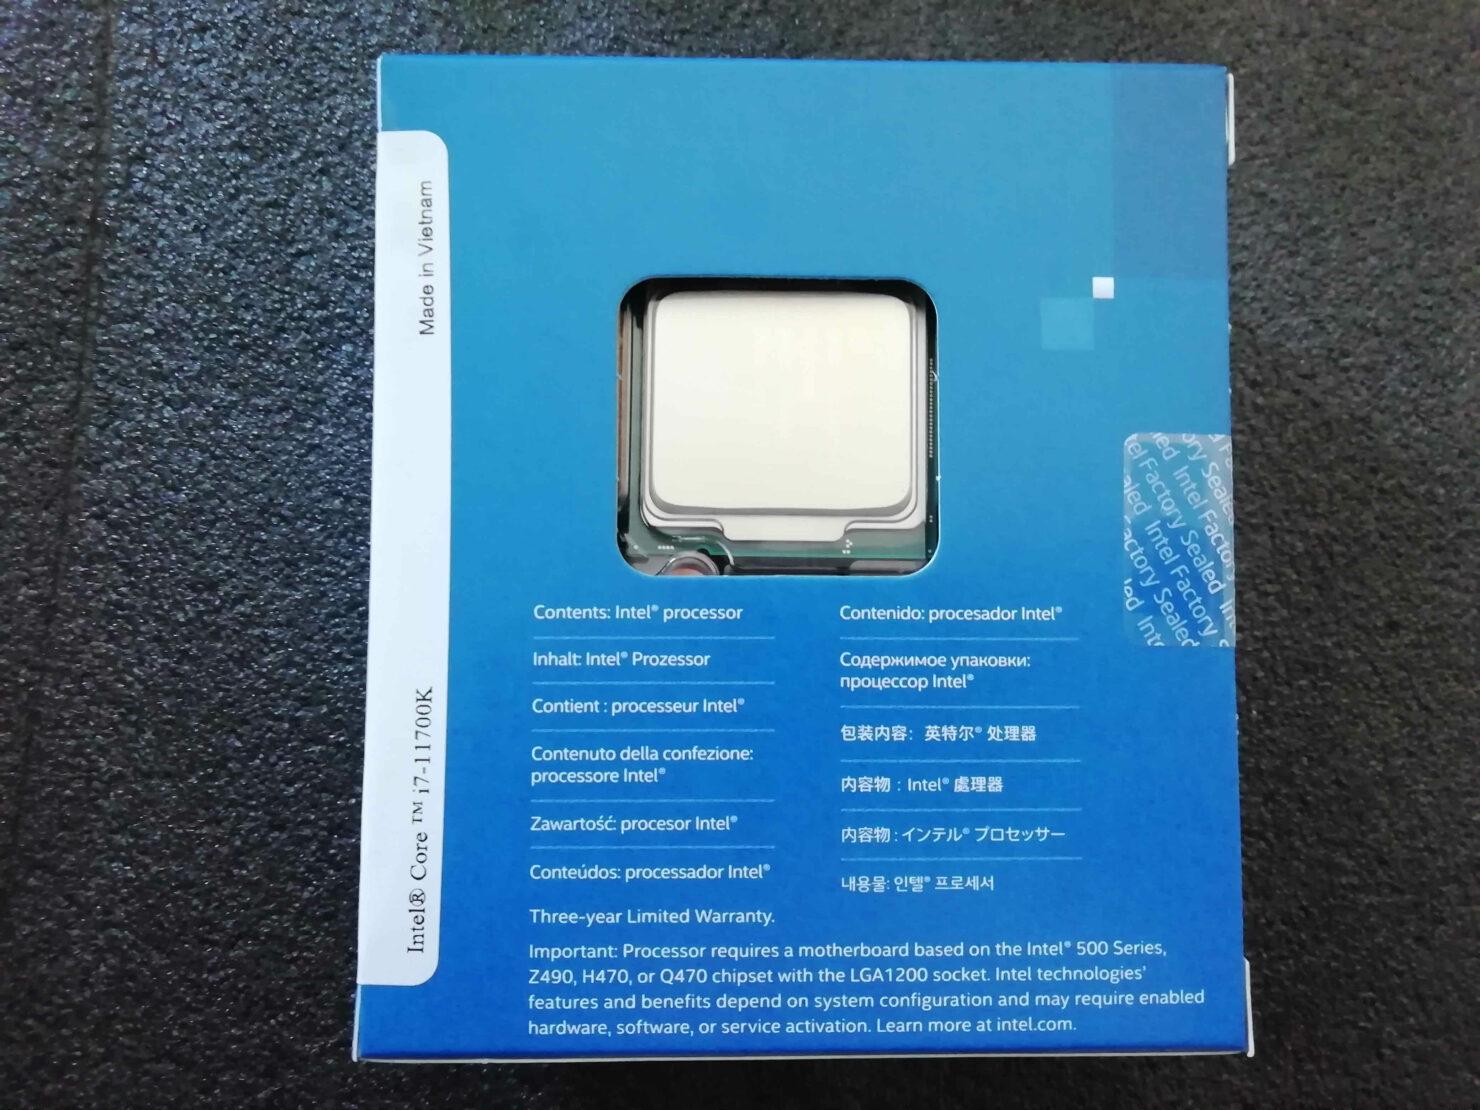 intel-core-i7-11700k-rocket-lake-8-core-desktop-cpu-_28